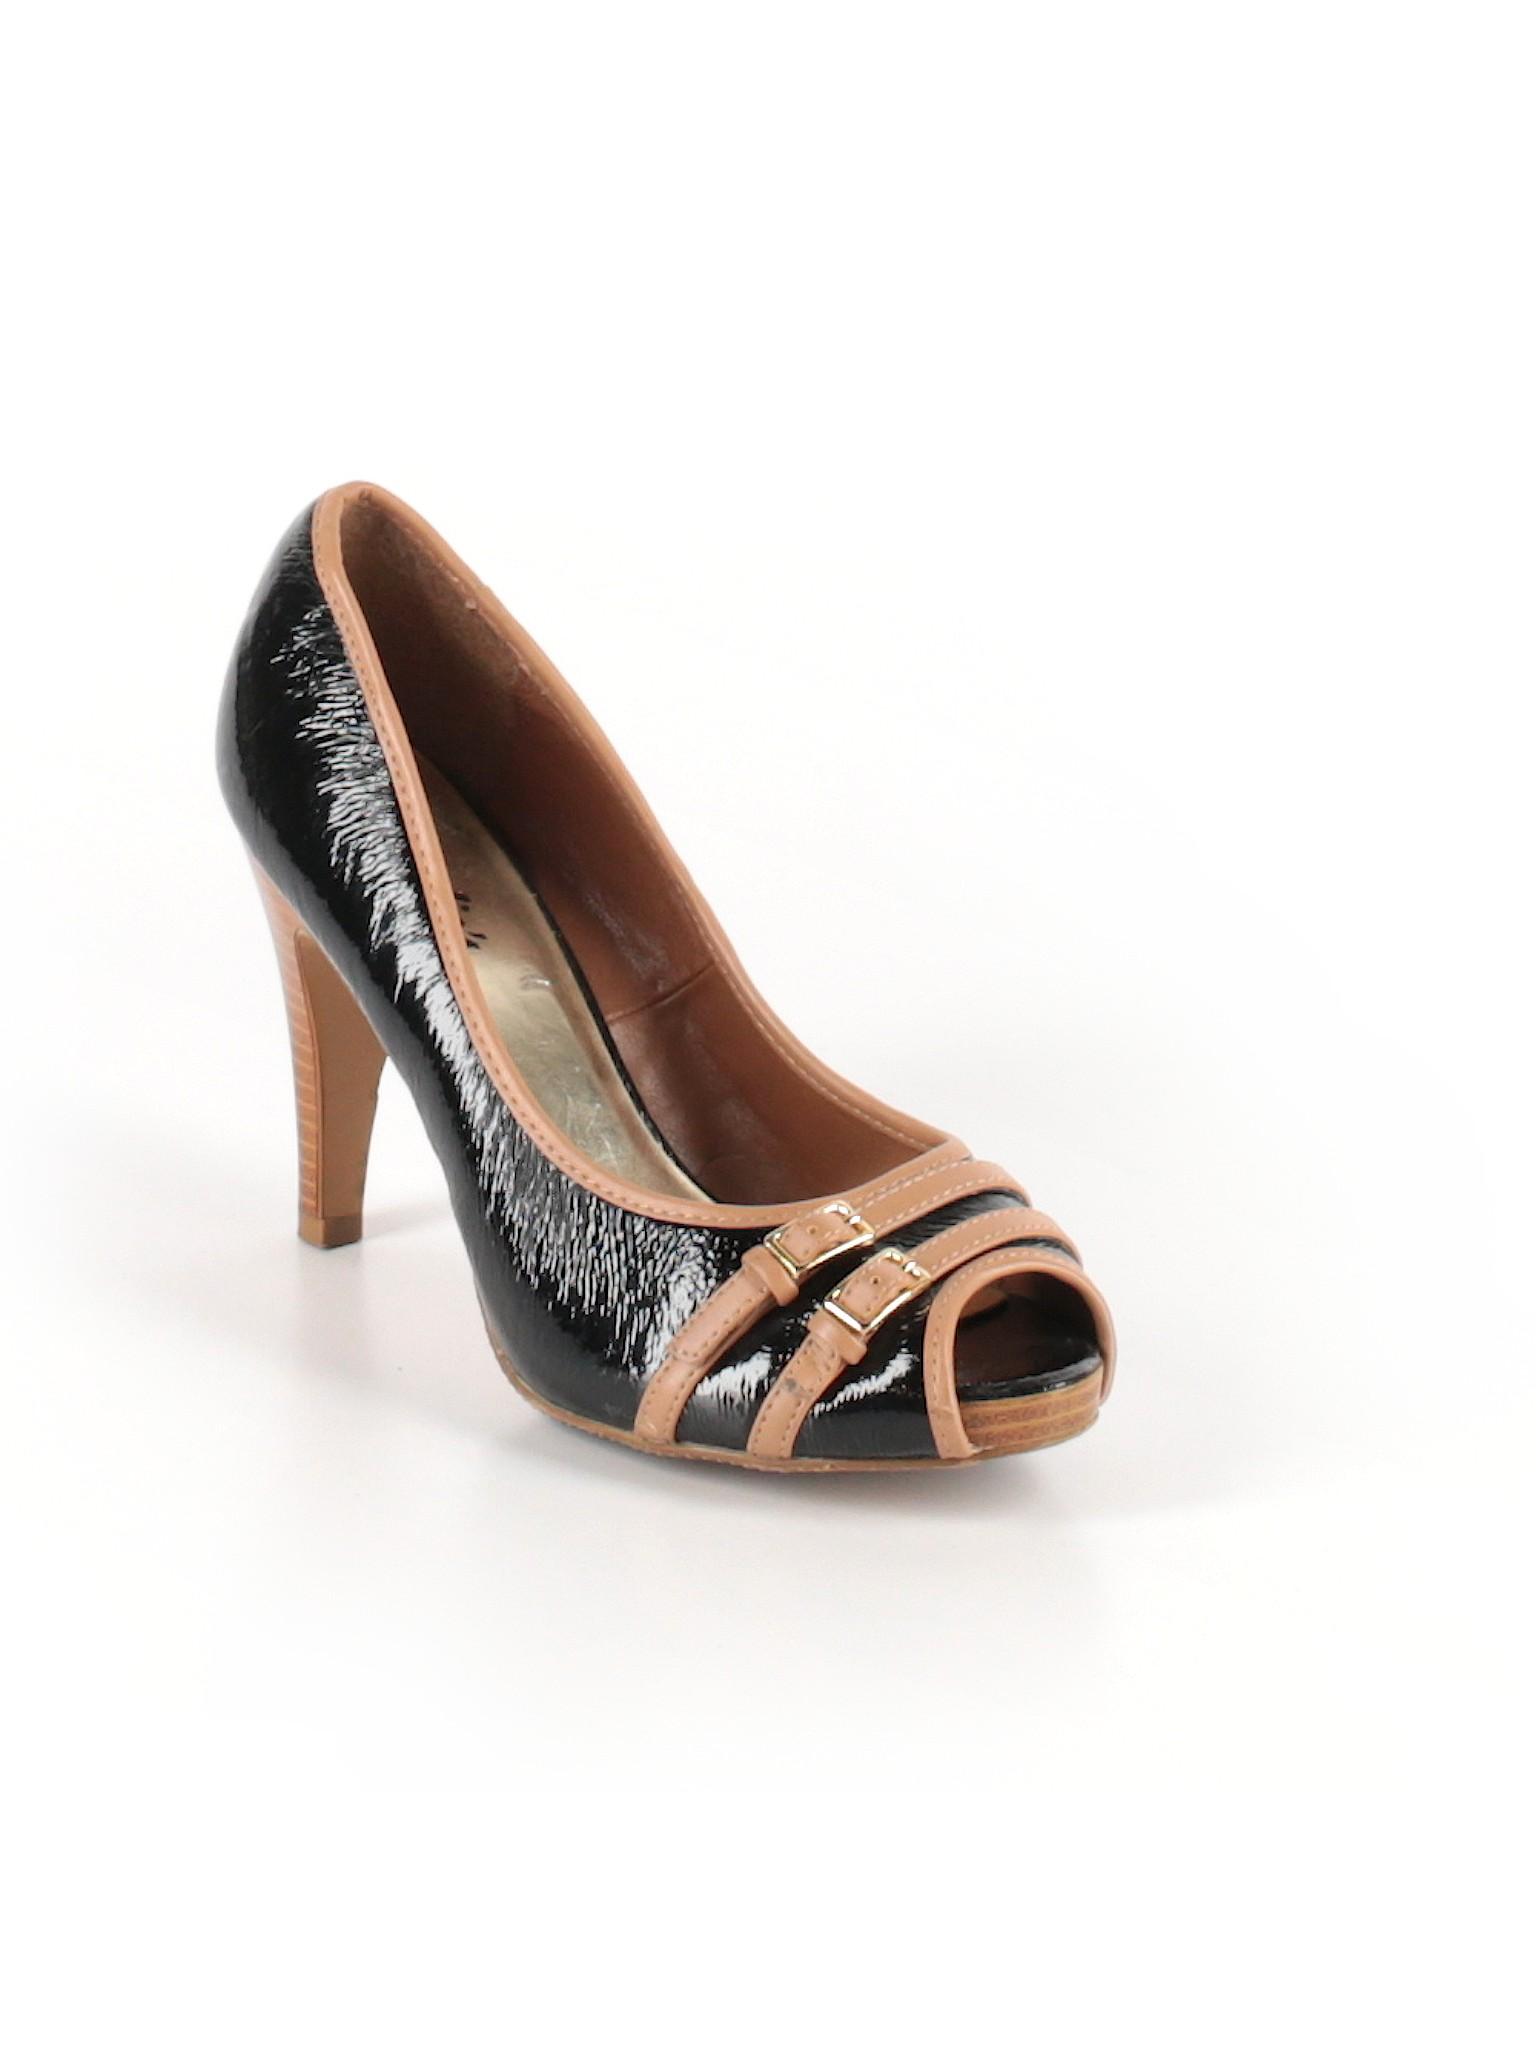 Boutique Boutique Heels Boutique Boutique promotion Heels promotion Candie's Candie's Candie's promotion promotion Candie's Heels promotion Boutique Heels qCwrqfBx